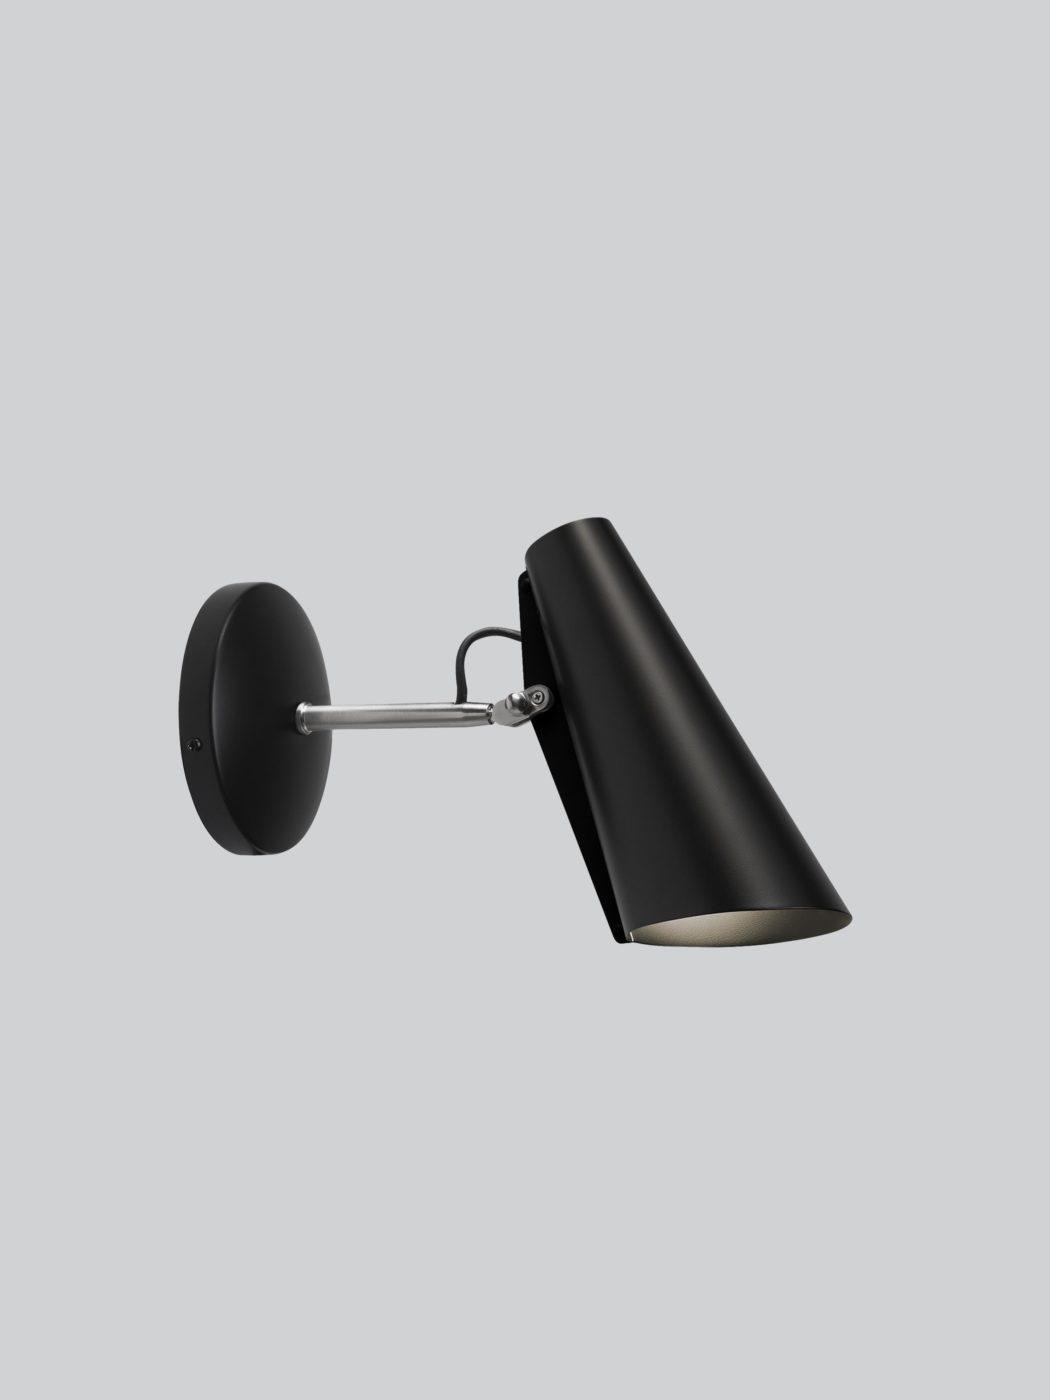 Šviestuvas Northern Lighting  – Birdy Wall Short Sieninis šviestuvas  - 3